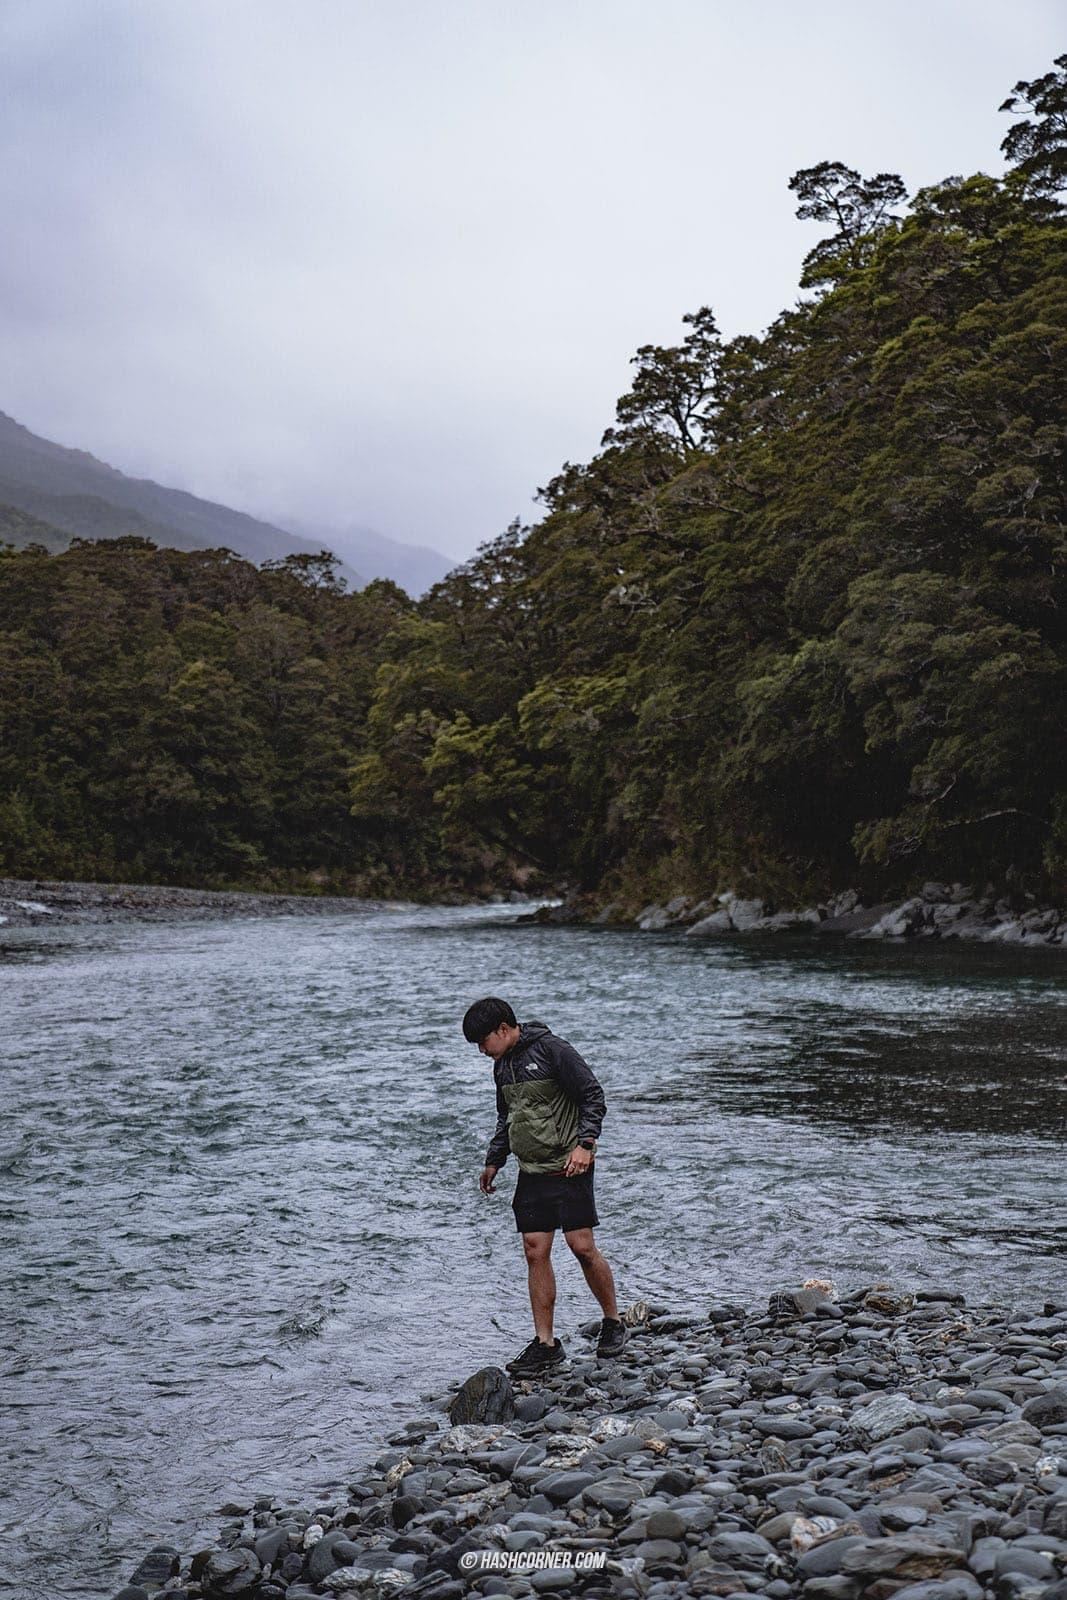 รีวิว วานากา (Wanaka) x เที่ยวเกาะใต้ นิวซีแลนด์